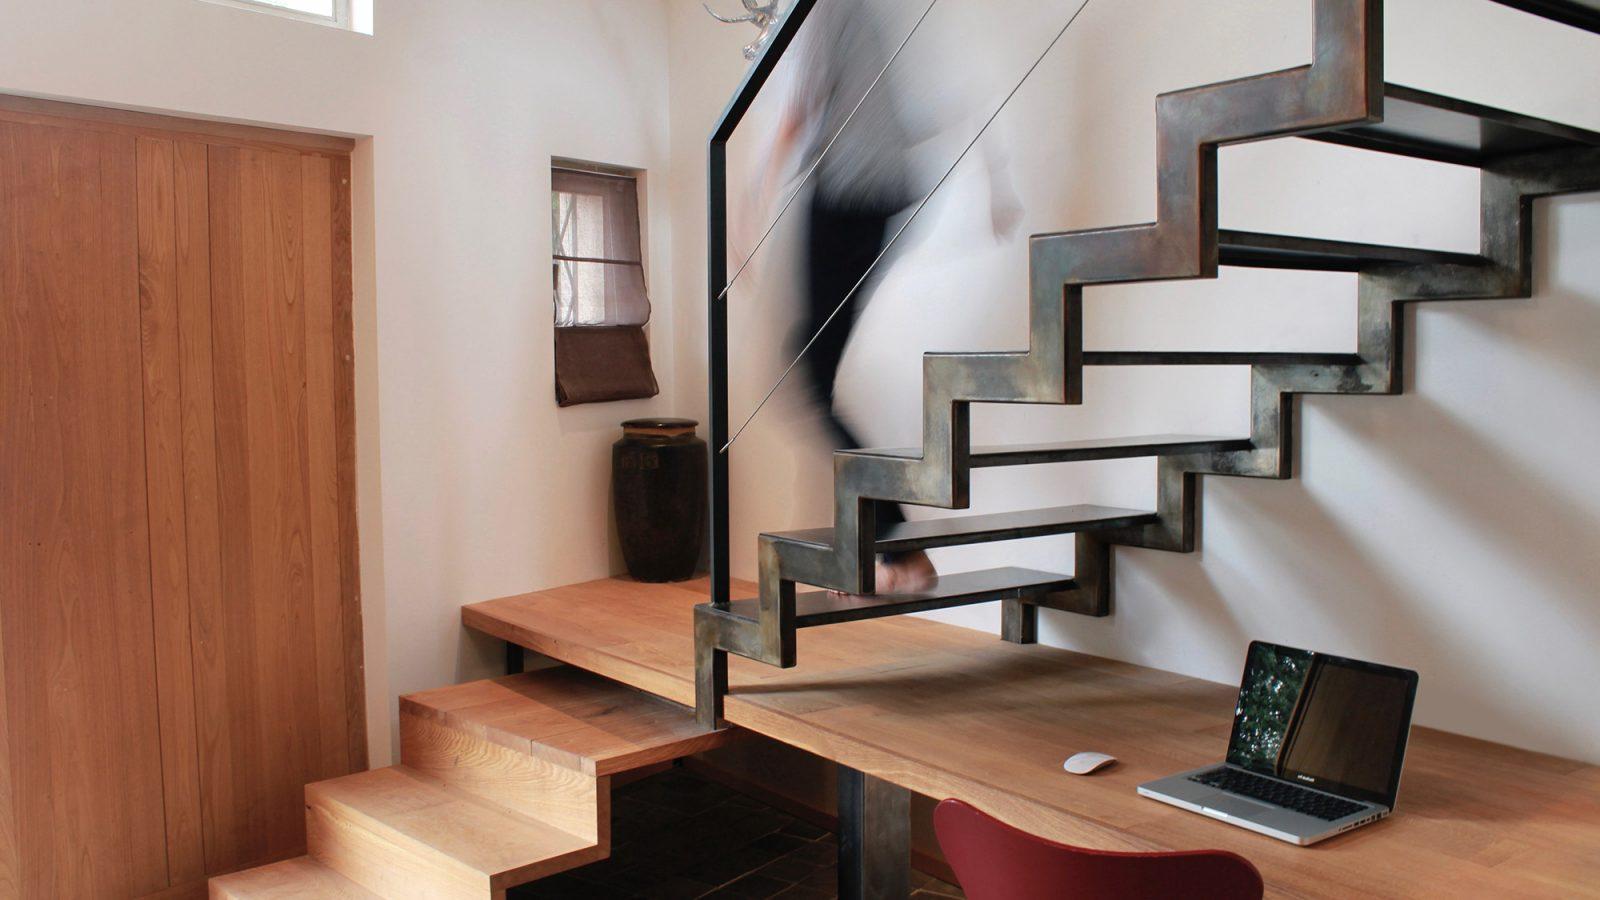 Bureau Plan De Travail escalier avec bureau métal et bois | graphique 1 | atmos fer